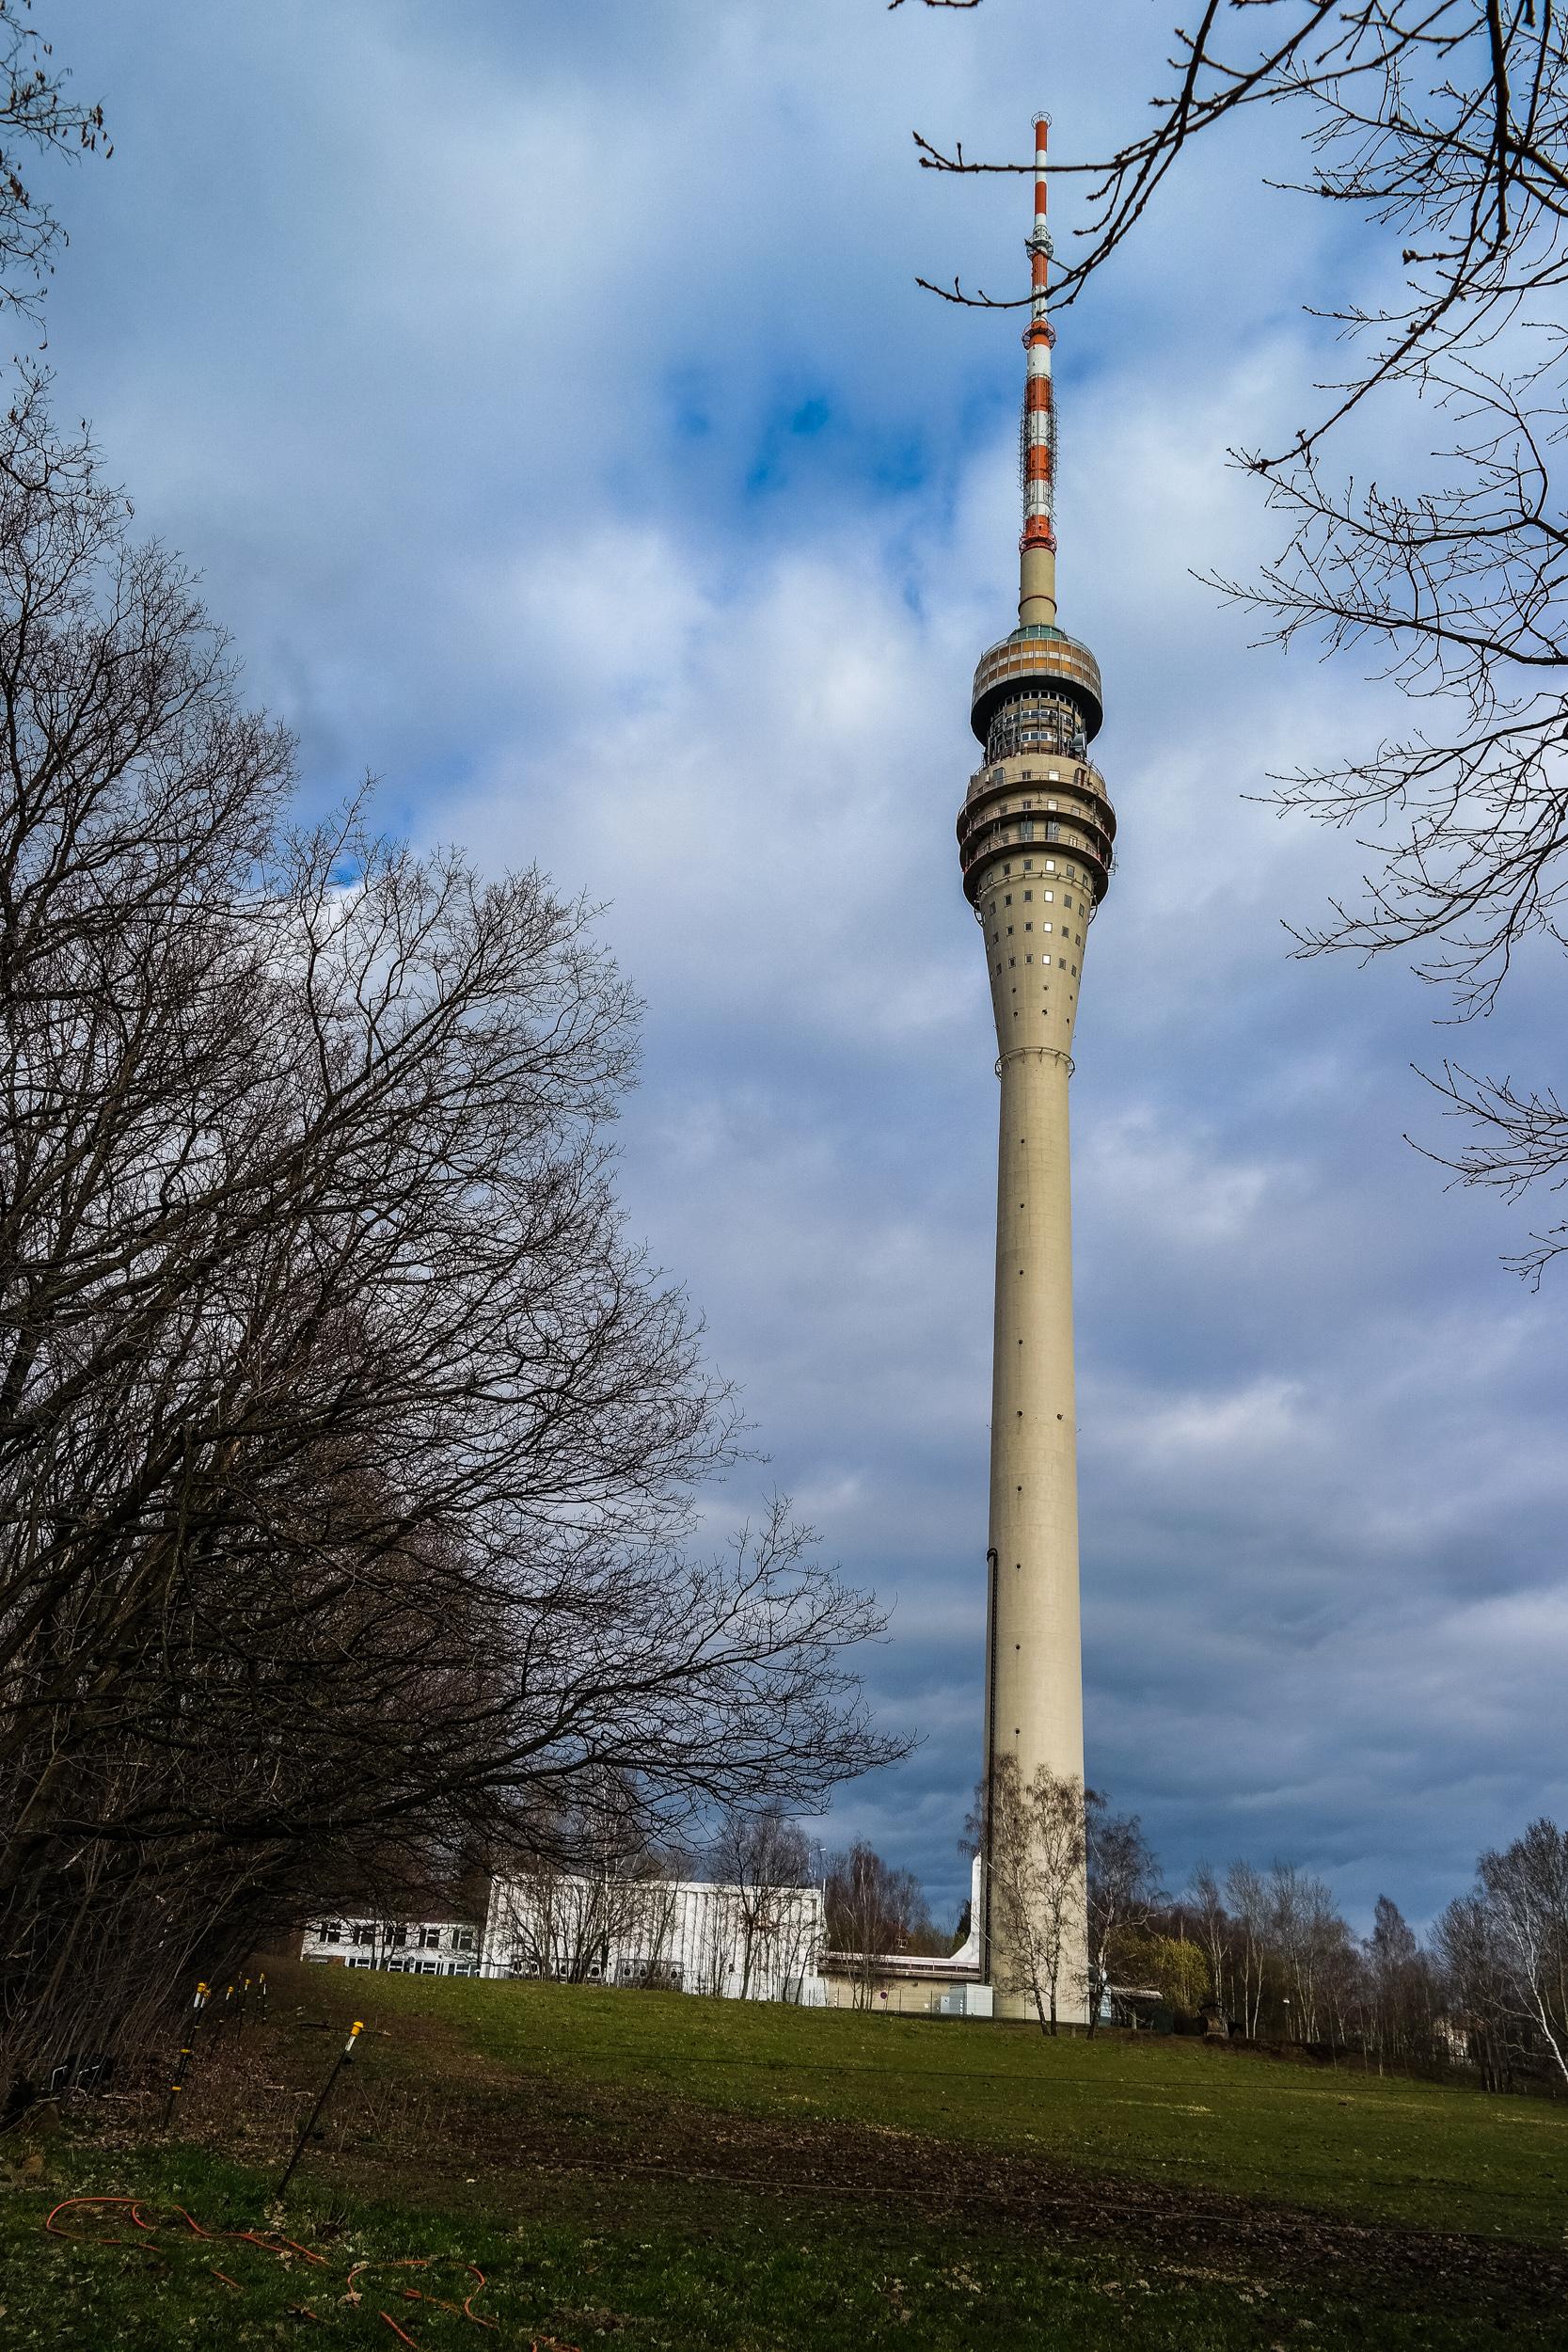 Eine kleine Runde zu einer von Dresdens schönsten Aussichten ...